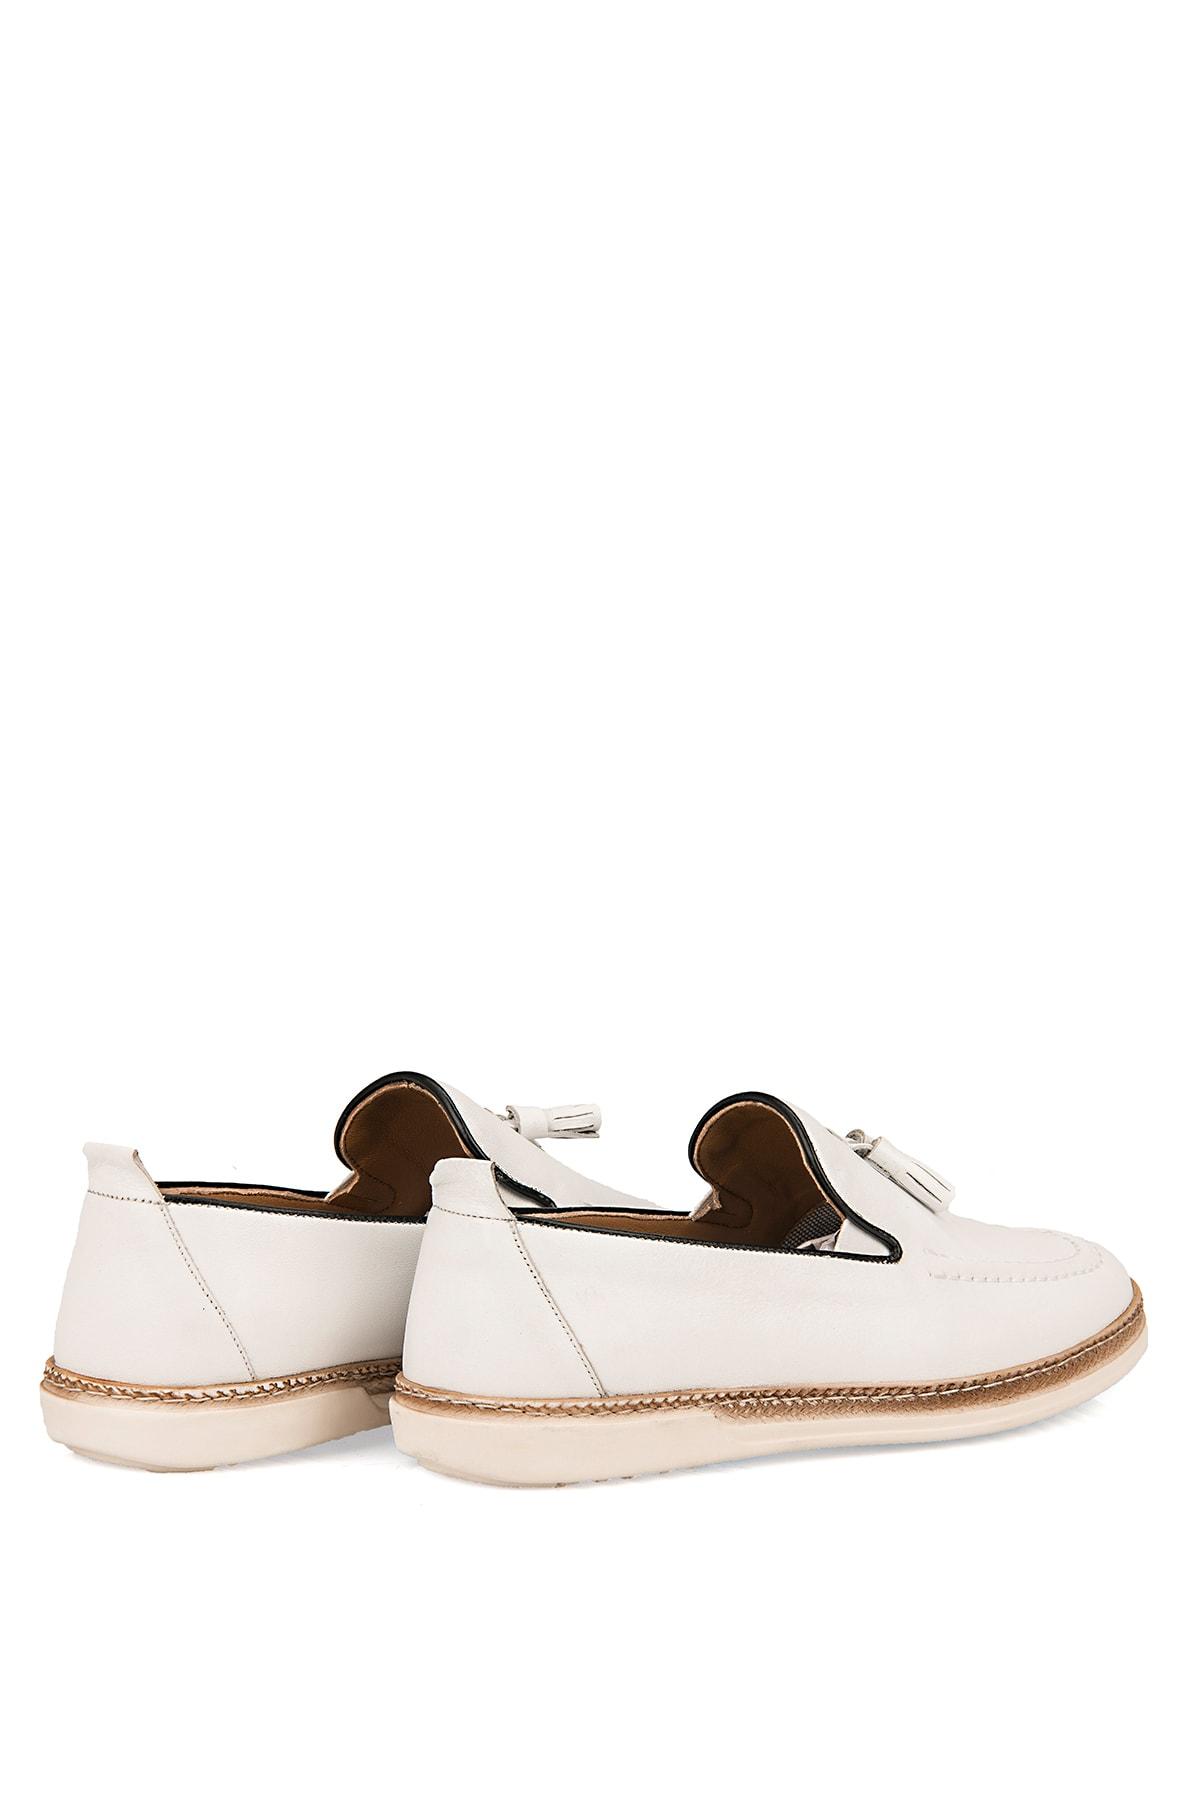 Ziya Hakiki Deri Beyaz Erkek Ayakkabı 101415 506067 3